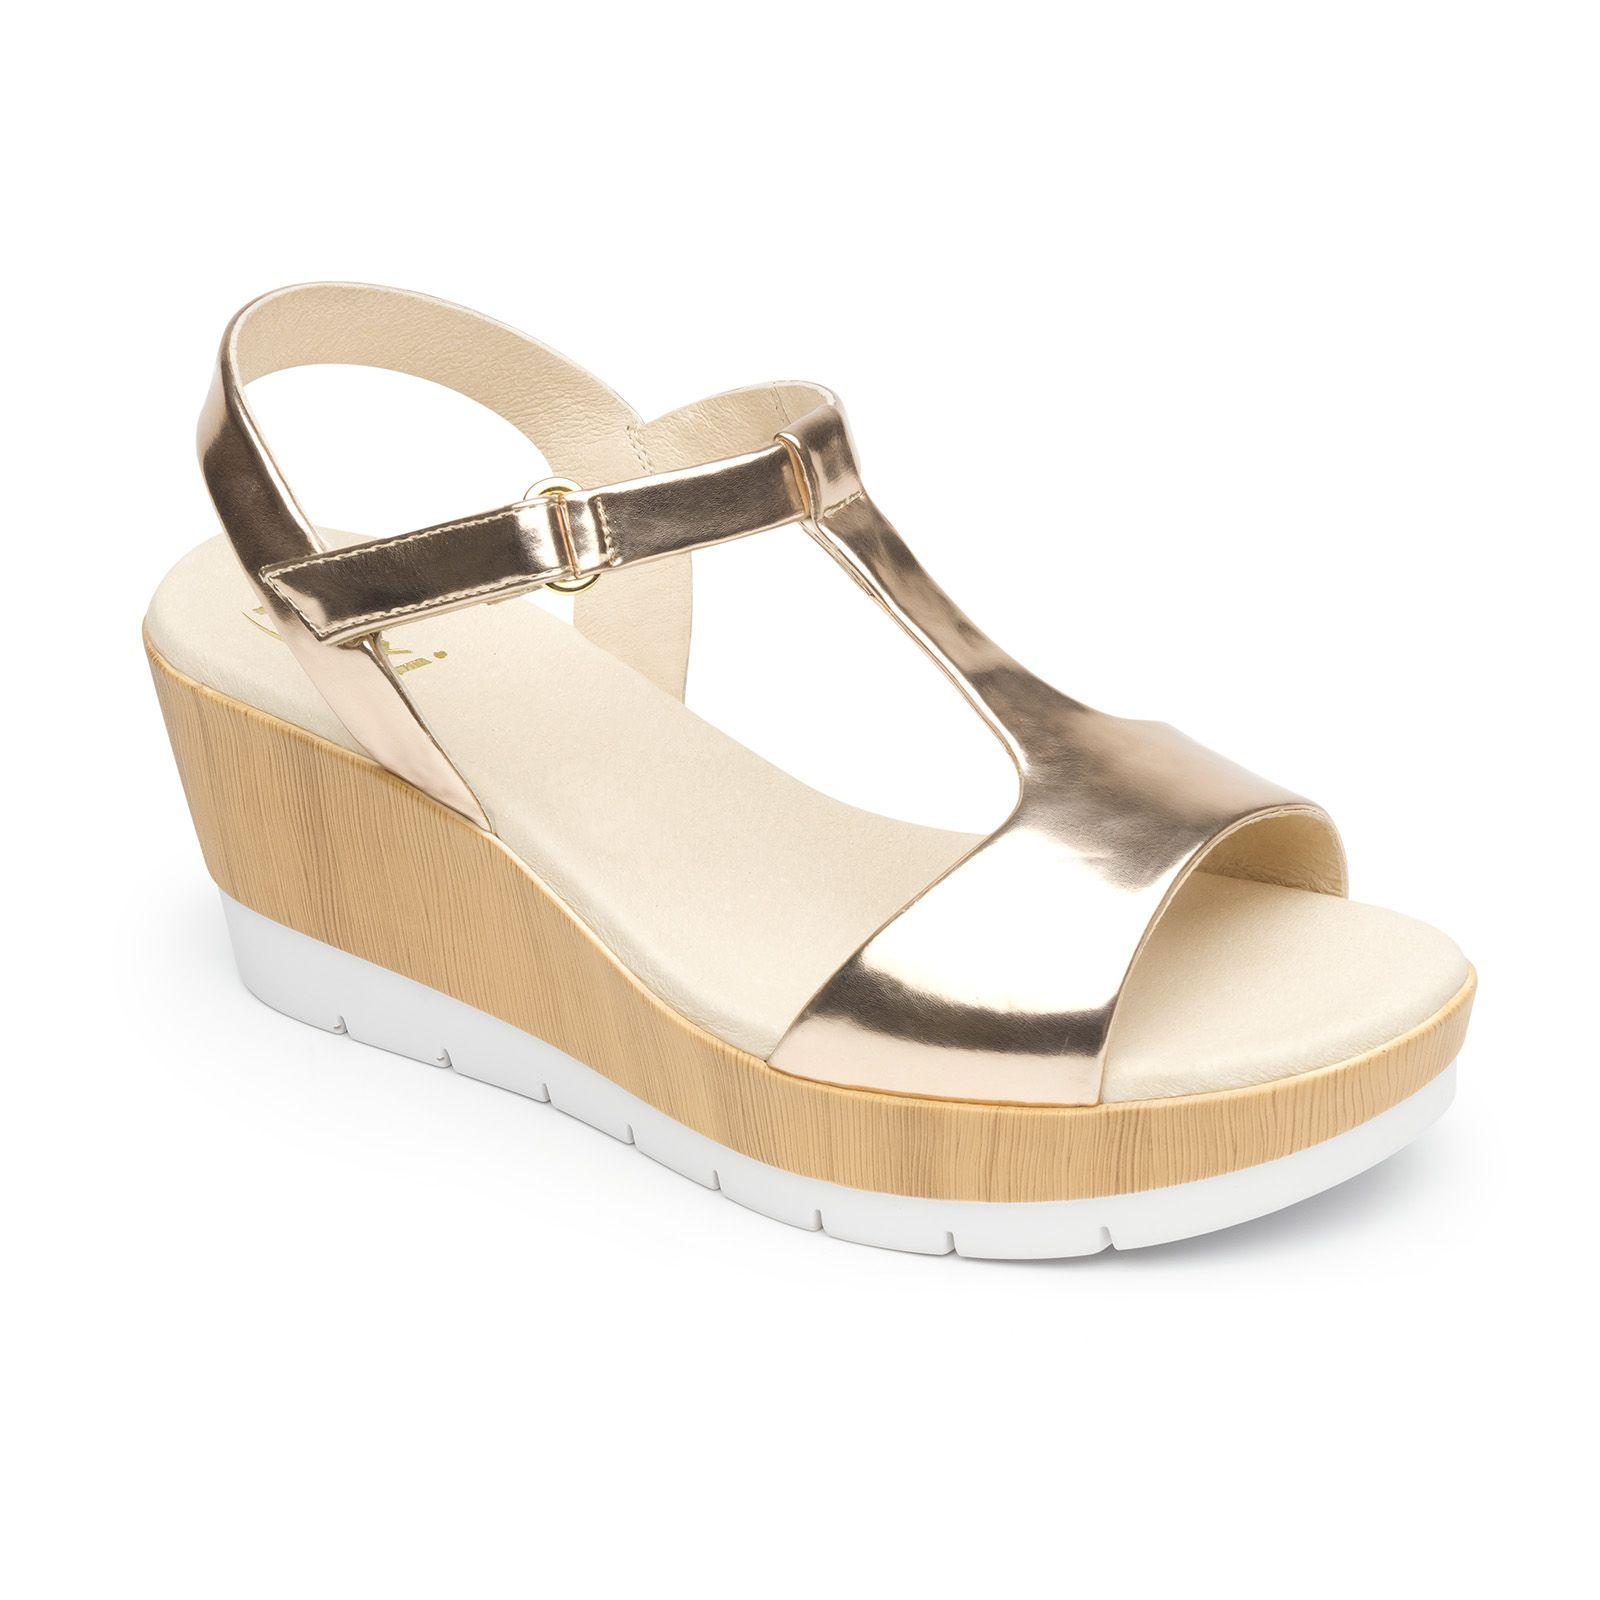 a62cc7ec6b8 Nueva línea de sandalia de plataforma con texturas lisa, vaqueta y madera  con patín dentado